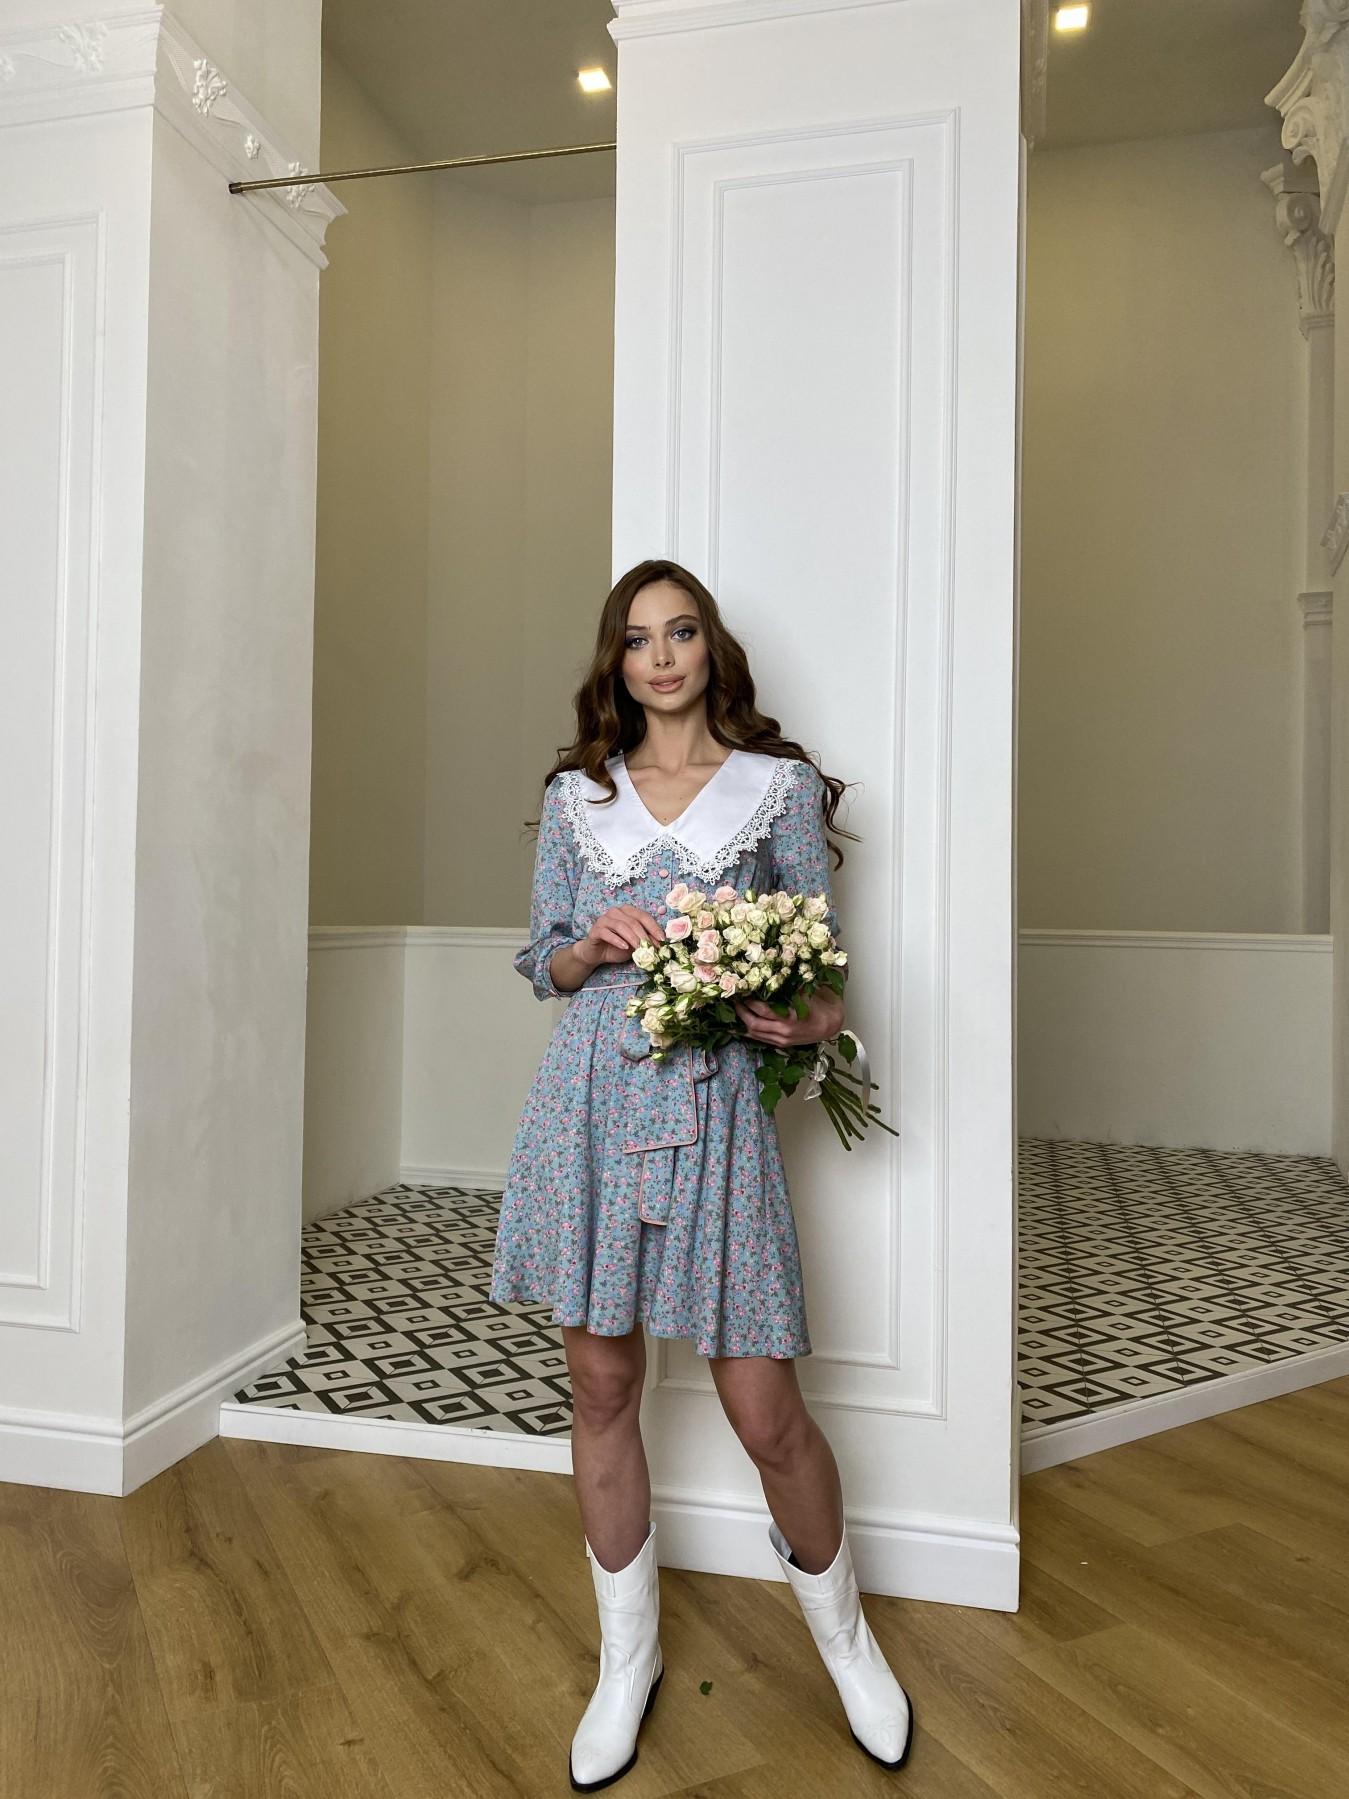 Джейн платье  костюмка штапель принт 10881 АРТ. 47419 Цвет: Цветы мел олива/роз/гол - фото 6, интернет магазин tm-modus.ru